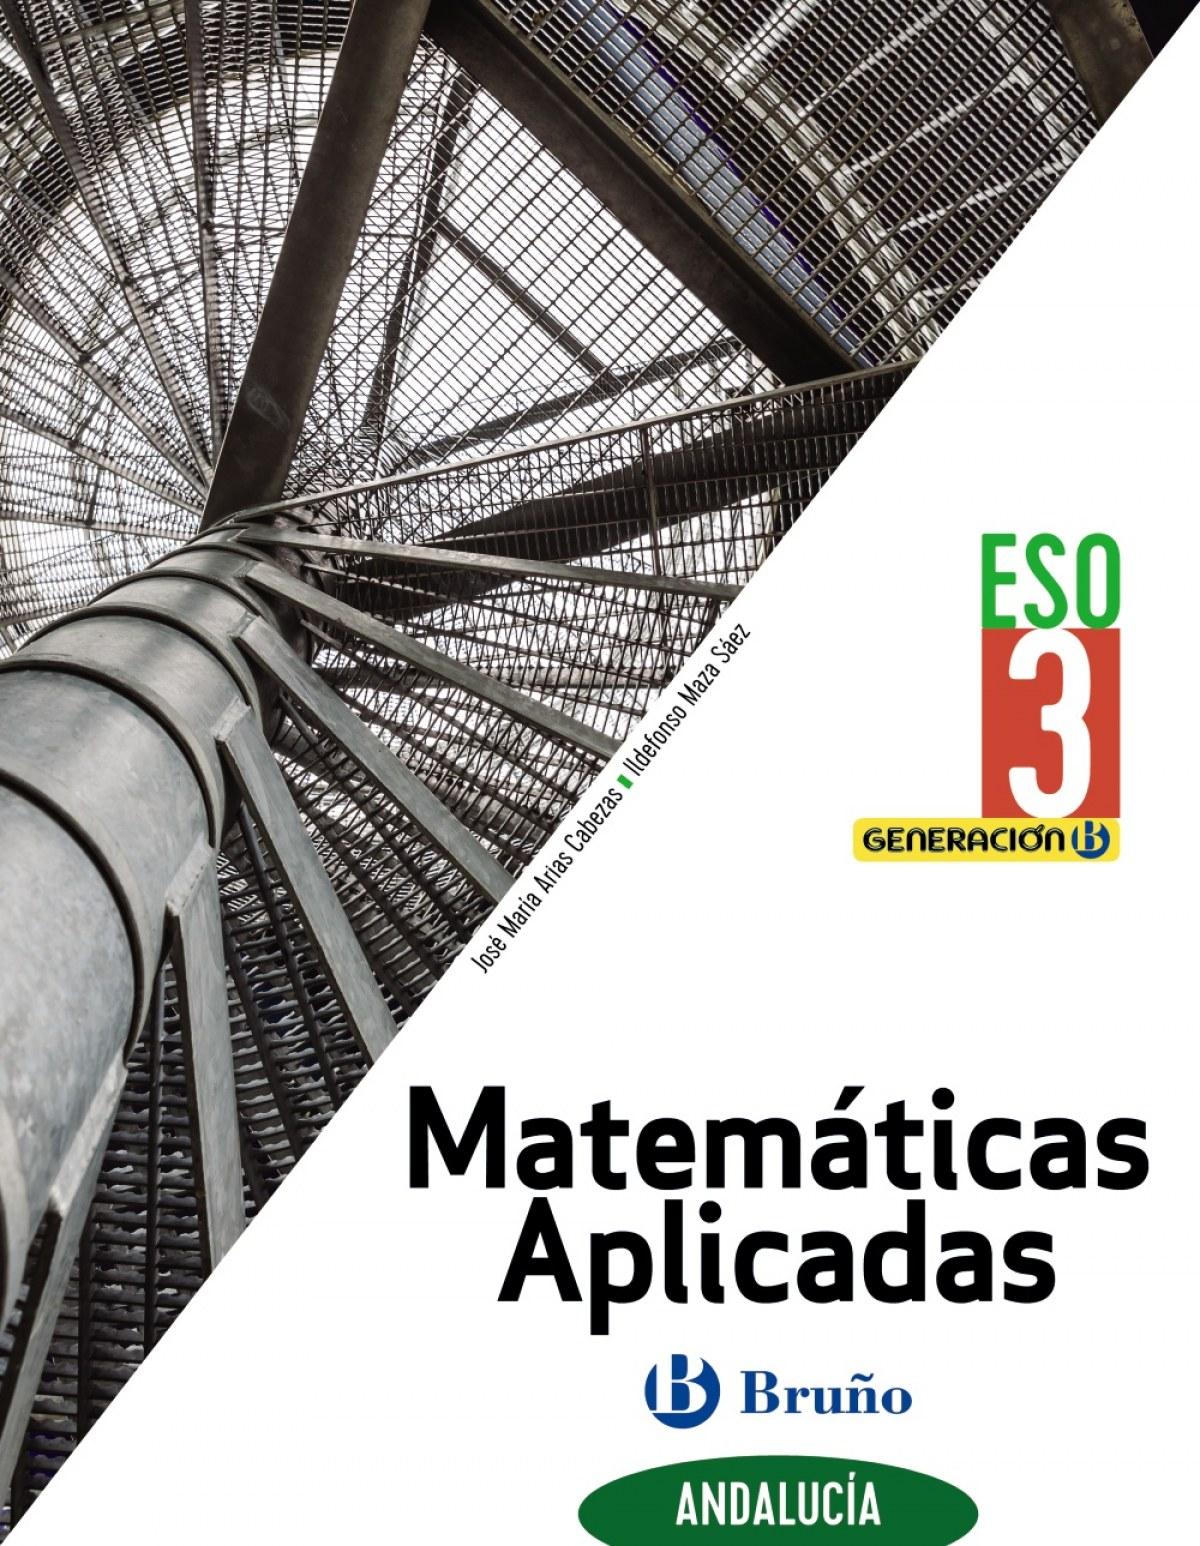 Generación B Matemáticas Aplicadas 3 ESO Andalucía